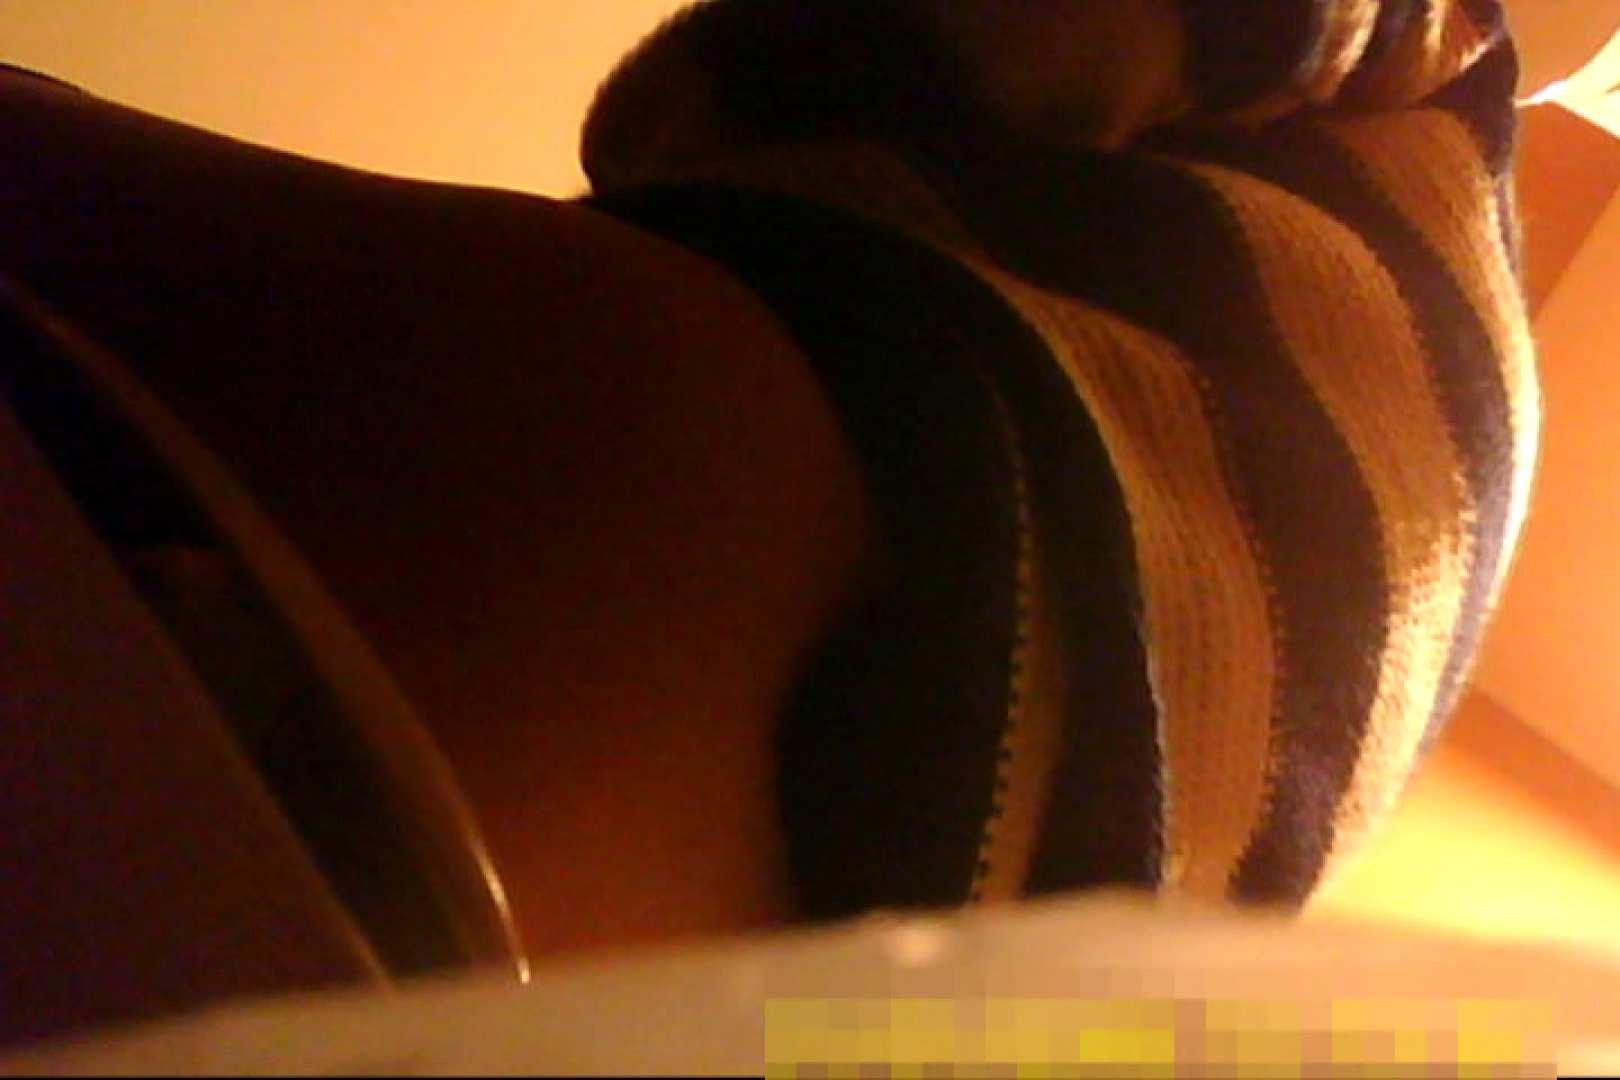 魅惑の化粧室~禁断のプライベート空間~vol.6 お姉さん丸裸 オメコ無修正動画無料 75pic 39